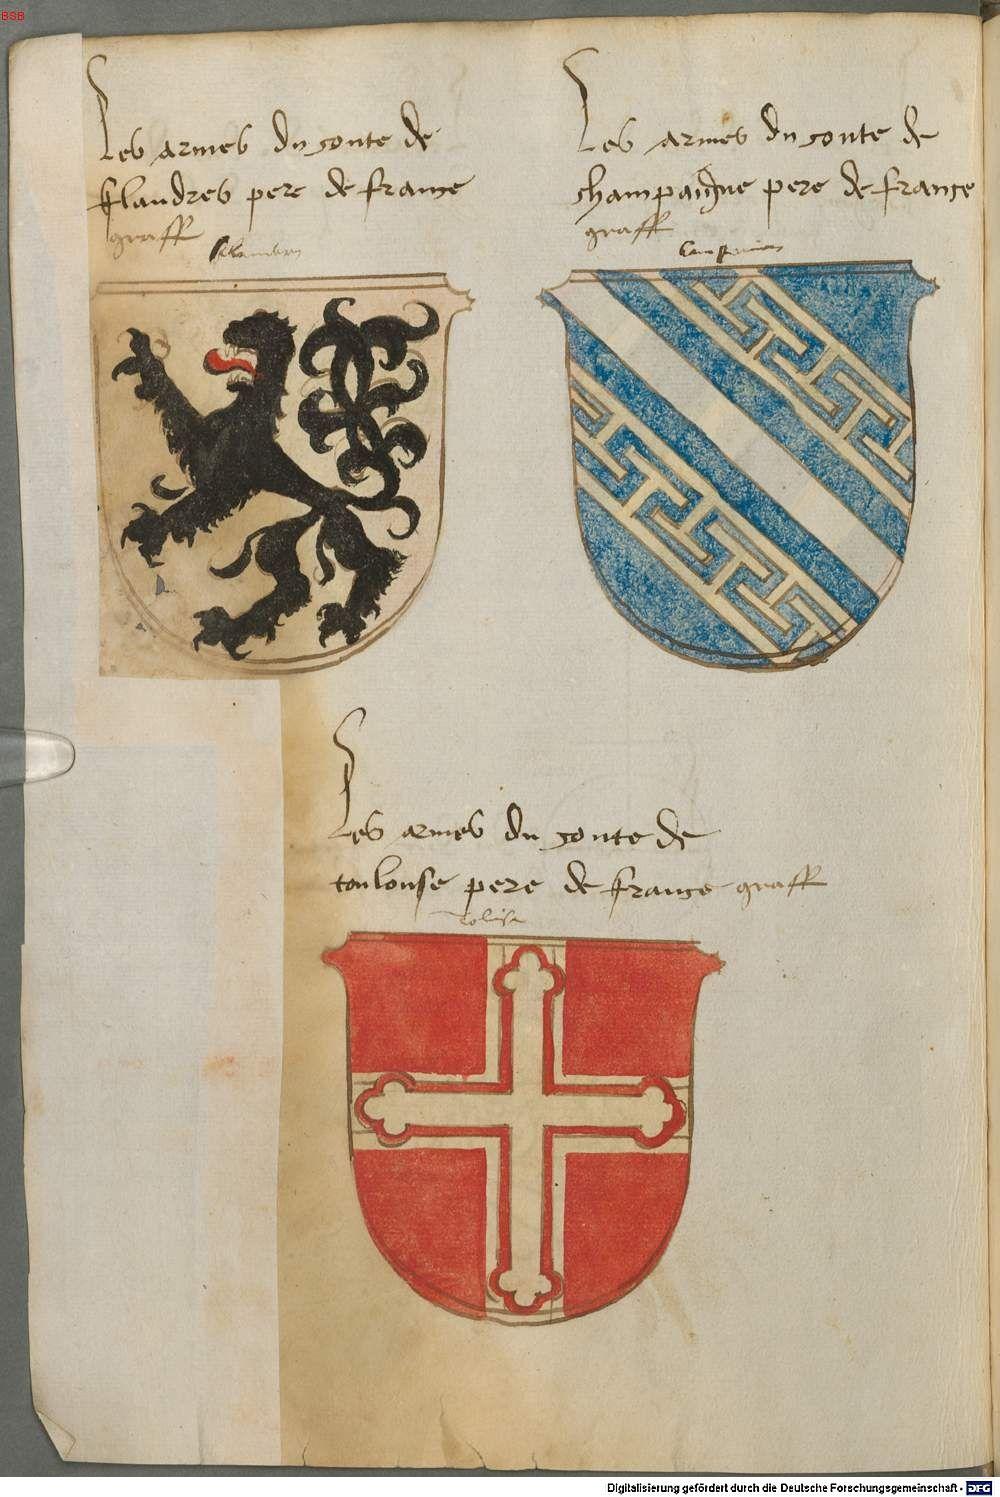 Tirol, Anton: Wappenbuch Süddeutschland, Ende 15. Jh. - 1540 Cod.icon. 310  Folio 48v